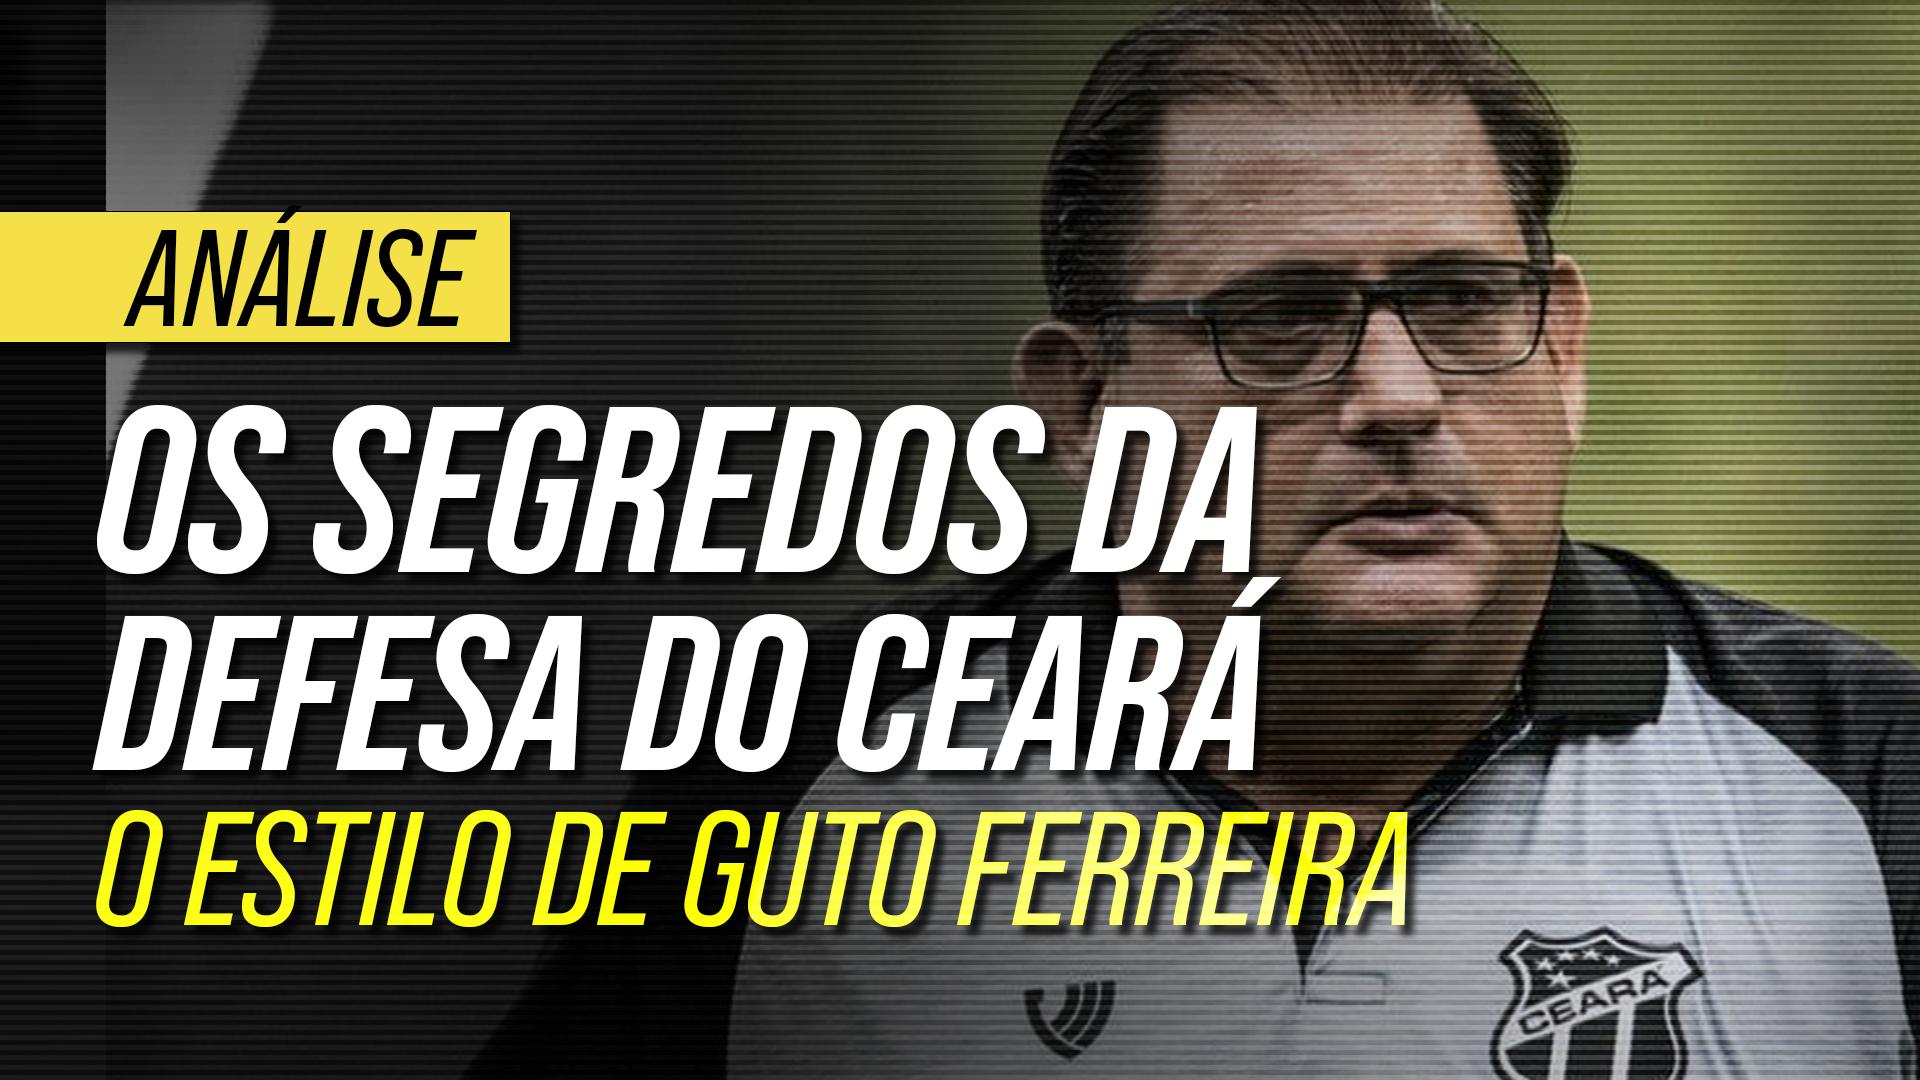 Como funciona o sistema defensivo do Ceará de Guto Ferreira